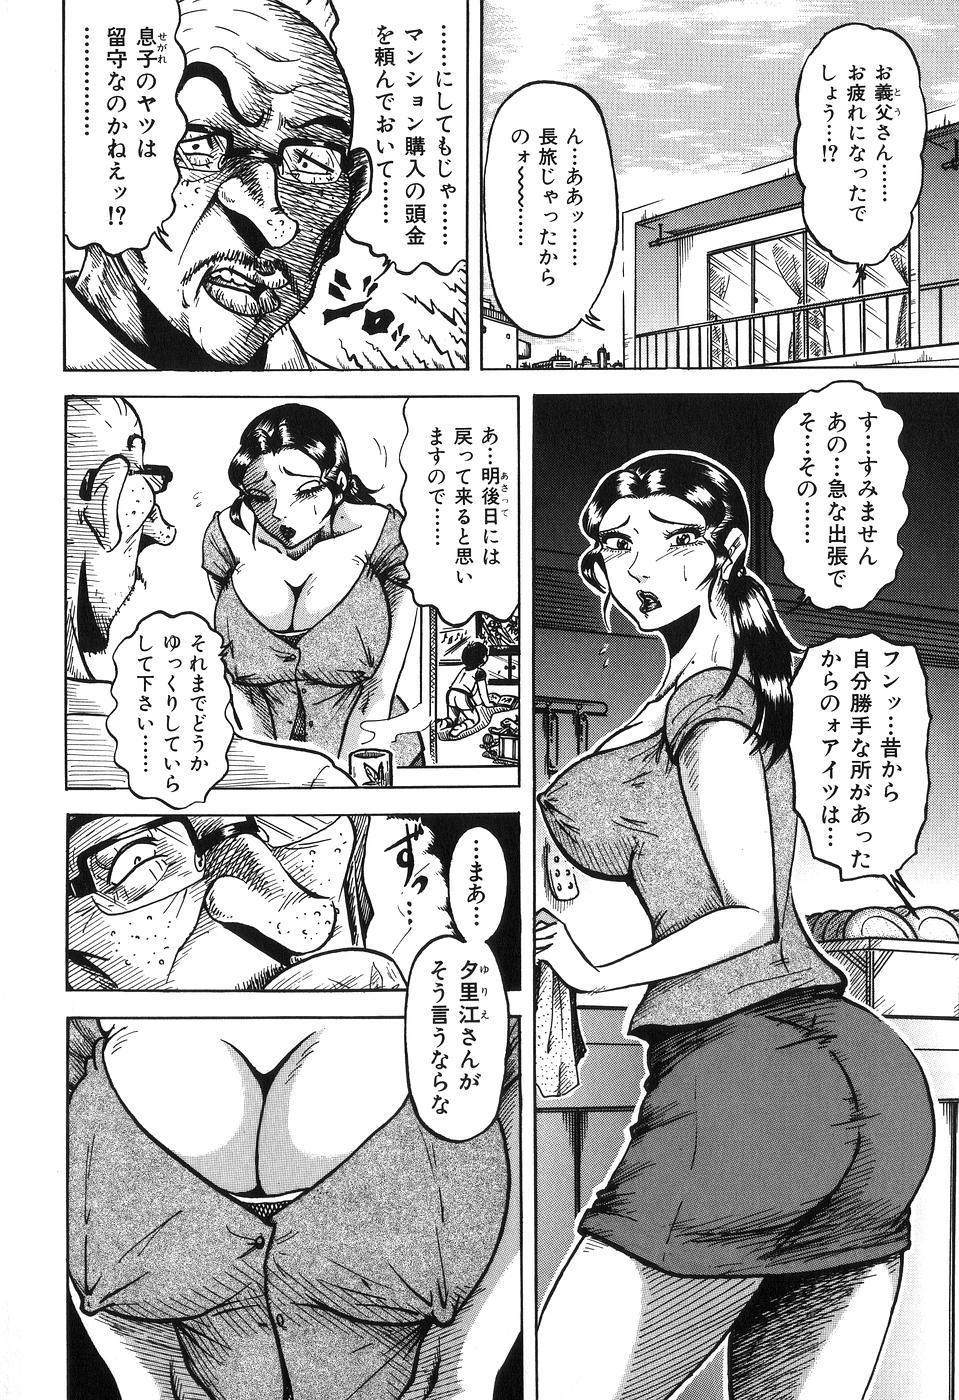 Jukubo Soukan Yosoji no Tawamure 6